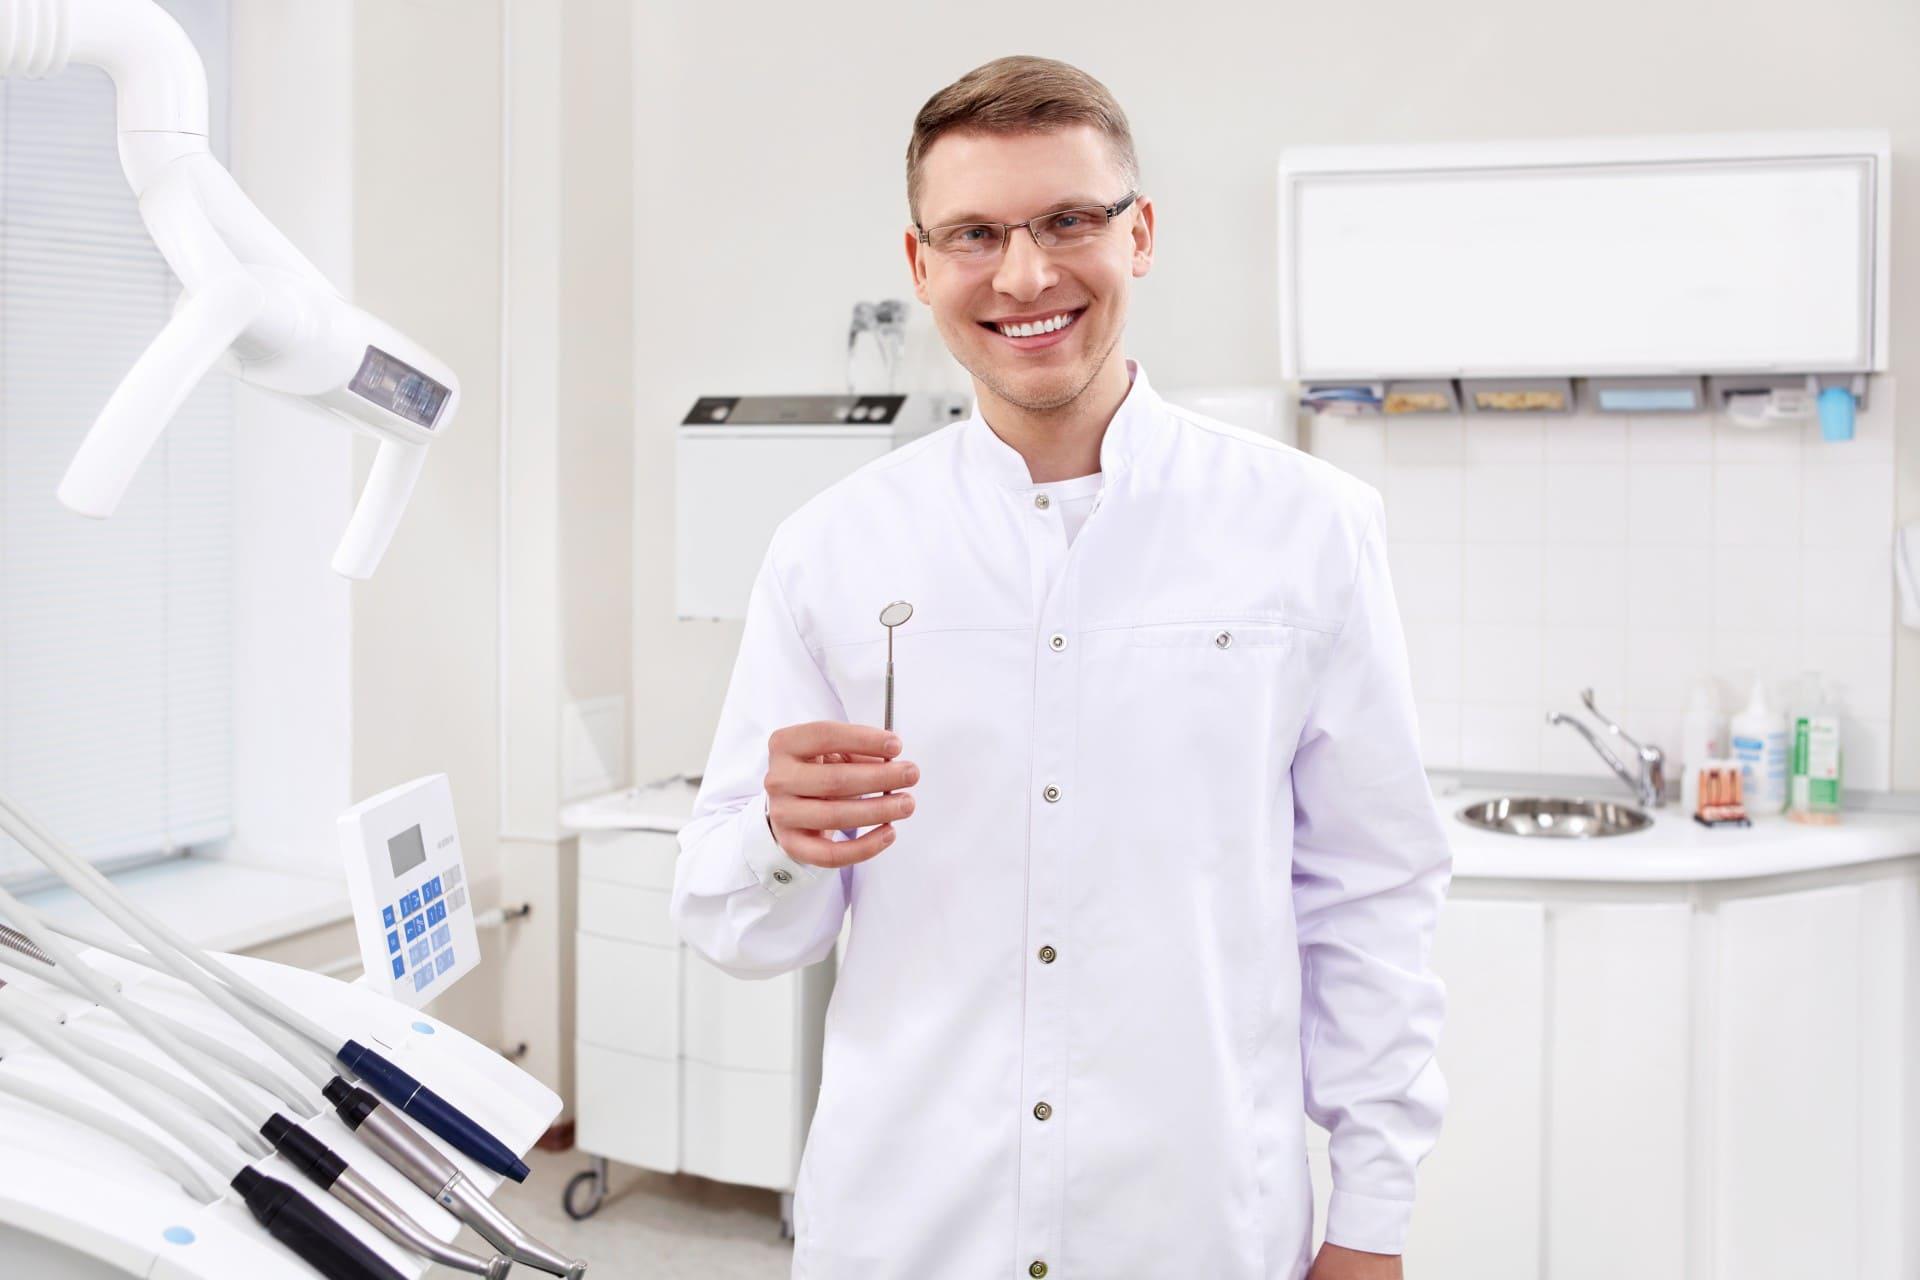 скорая стоматологическая помощь круглосуточно, детская скорая стоматологическая помощь, неотложная стоматологическая помощь, неотложная стоматологическая помощь круглосуточно, неотложная стоматологическая помощь в москве, детская неотложная стоматологическая помощь, кабинет неотложной стоматологической помощи, оказание неотложной стоматологической помощи, отделение неотложной стоматологической помощи, круглосуточная детская стоматологическая помощь, экстренная стоматологическая помощь, экстренная стоматологическая помощь круглосуточно, качество и стандарты скорой стоматологической помощи, срочная стоматологическая помощь, стоматологическая помощь 24